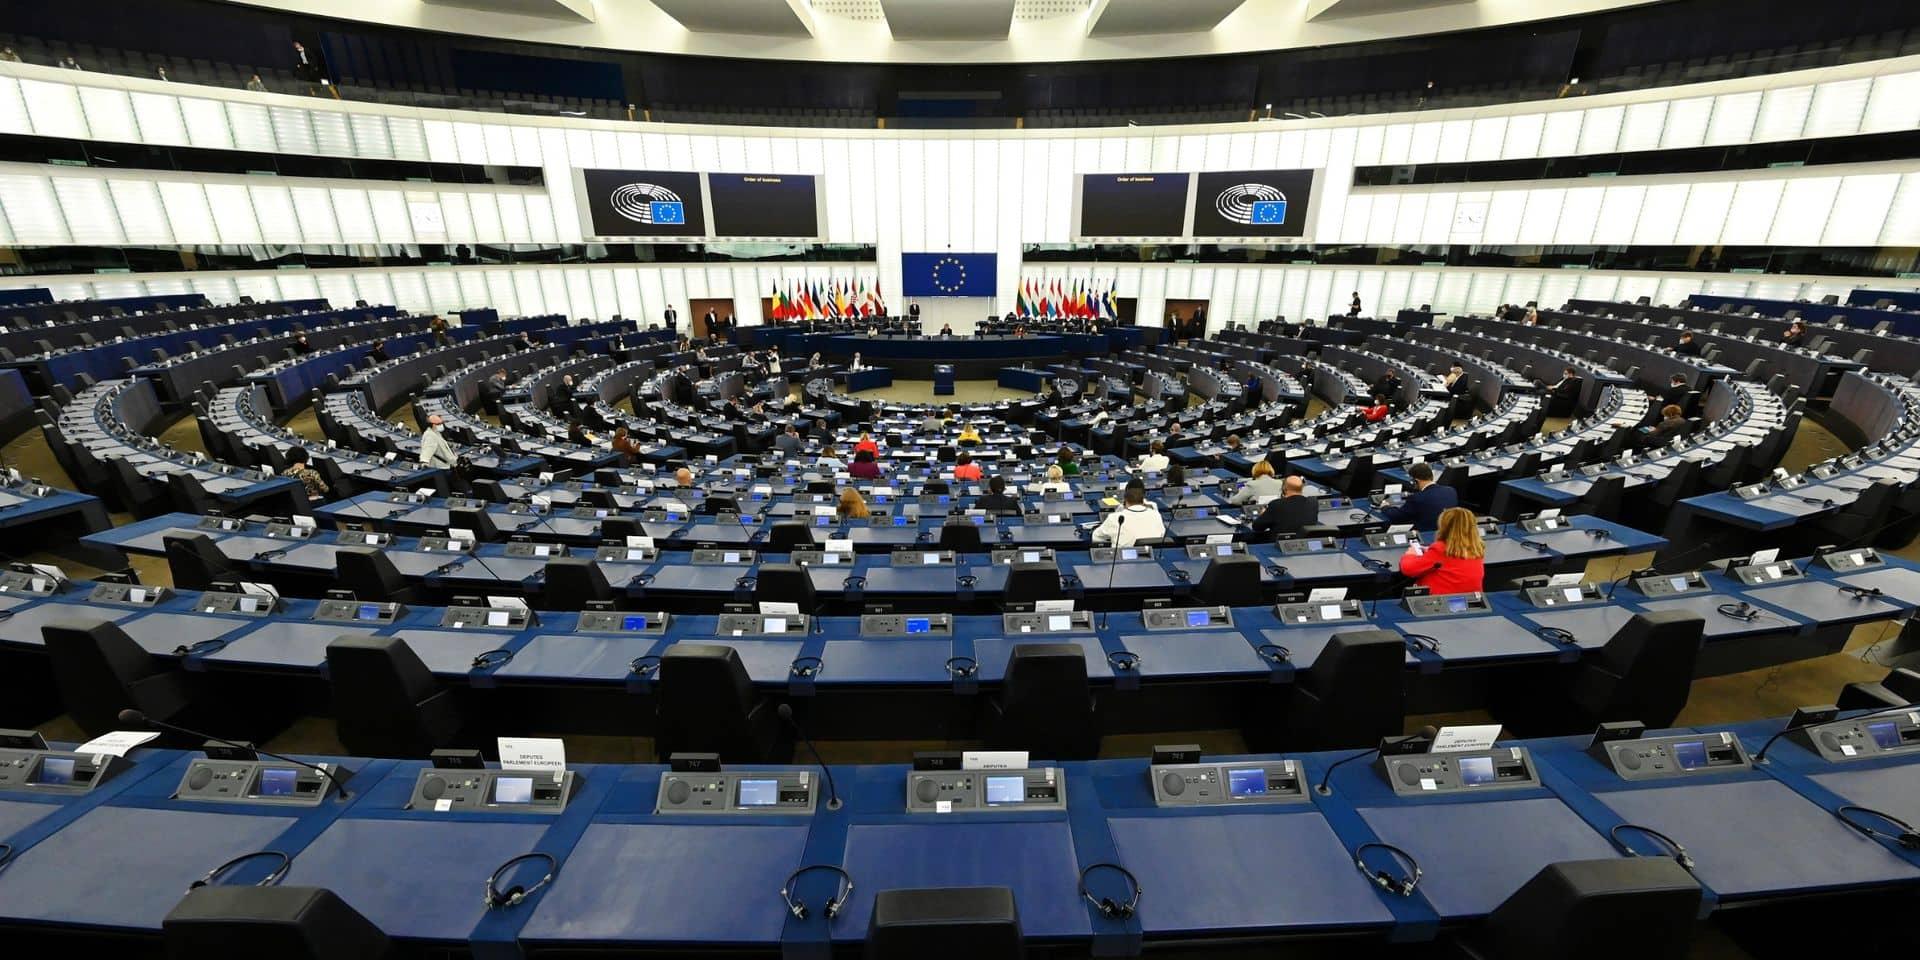 Le Parlement européen donne son feu vert final au certificat Covid